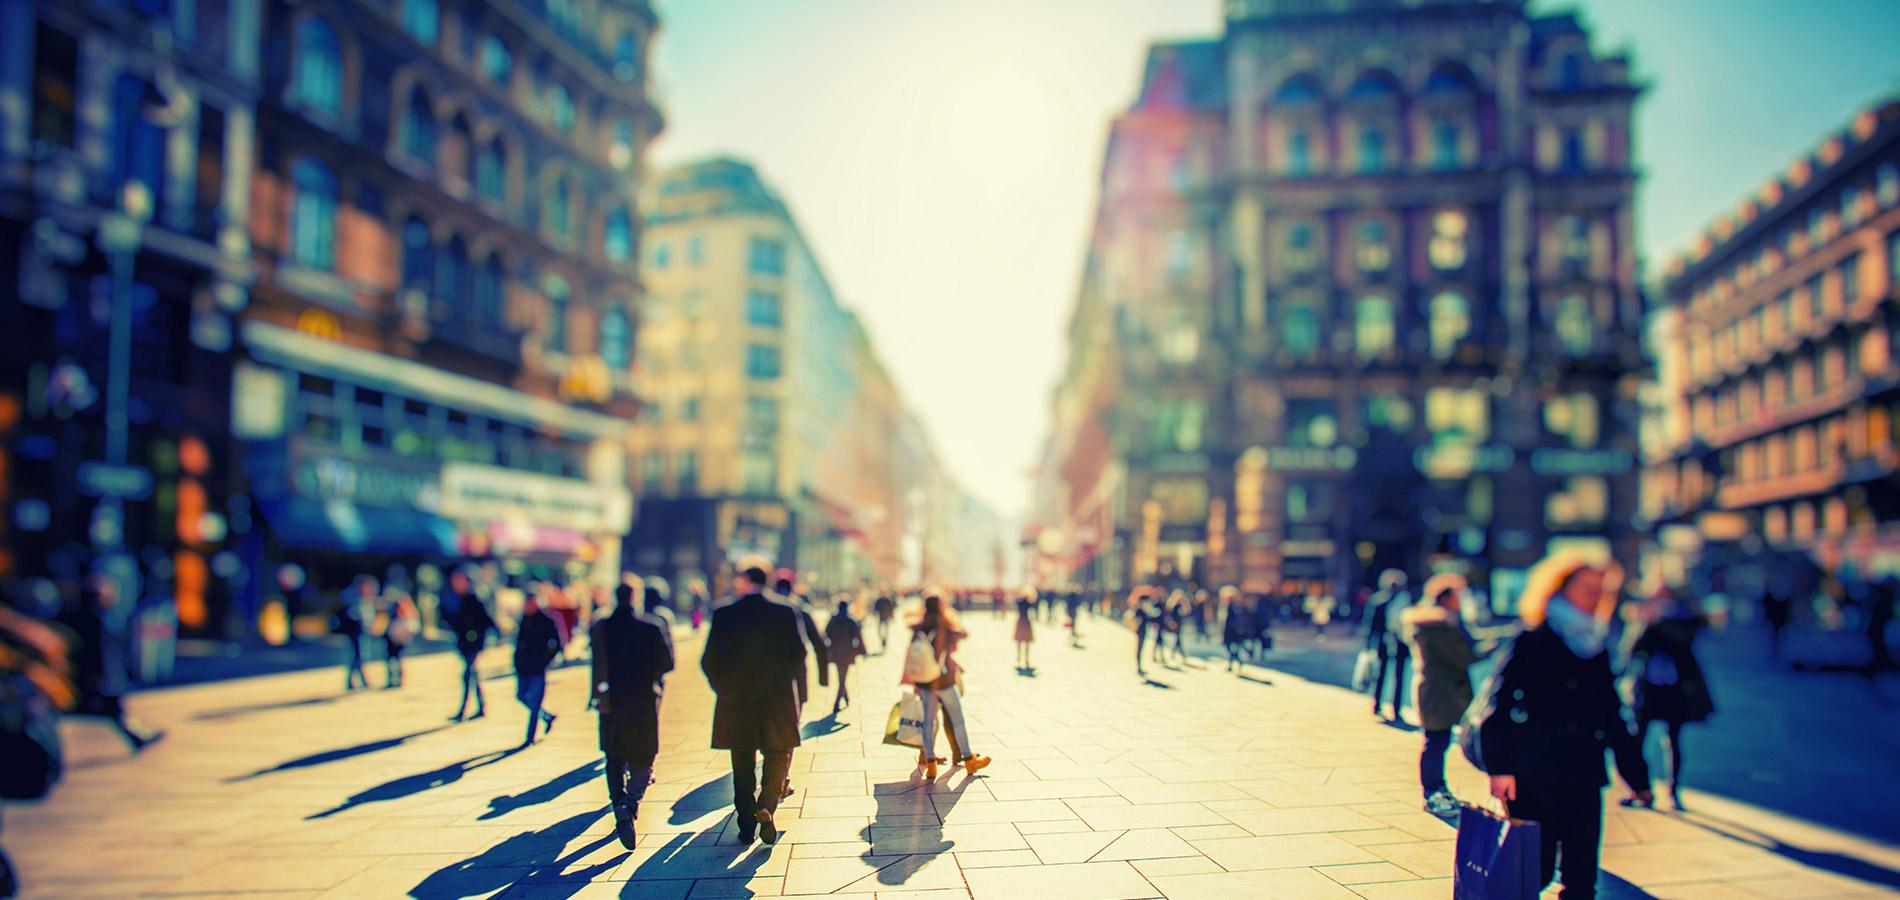 persone in centro città